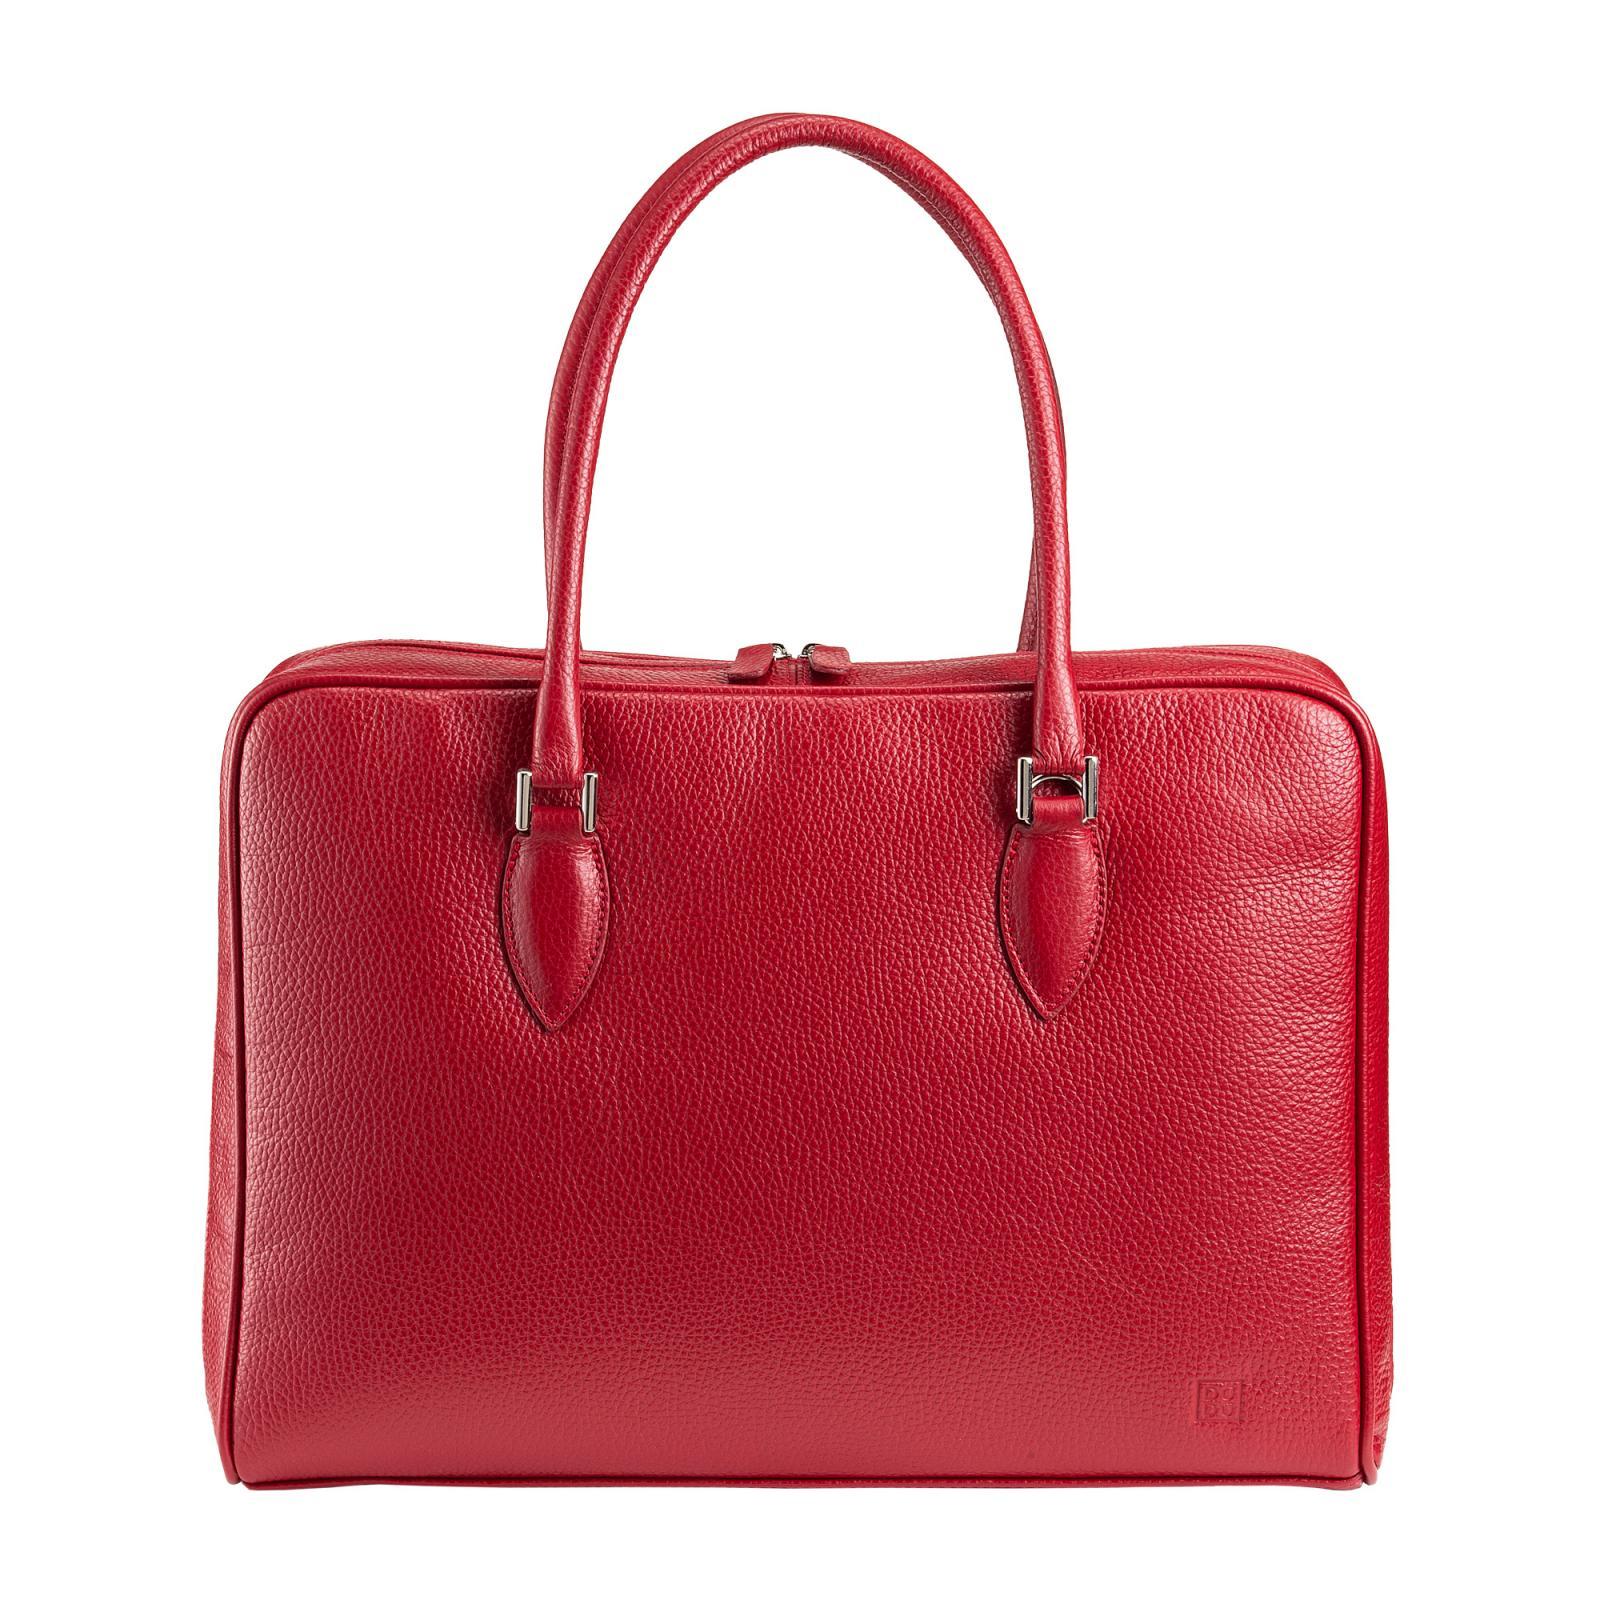 Borse  Donna  Terre - Petra - Rosso